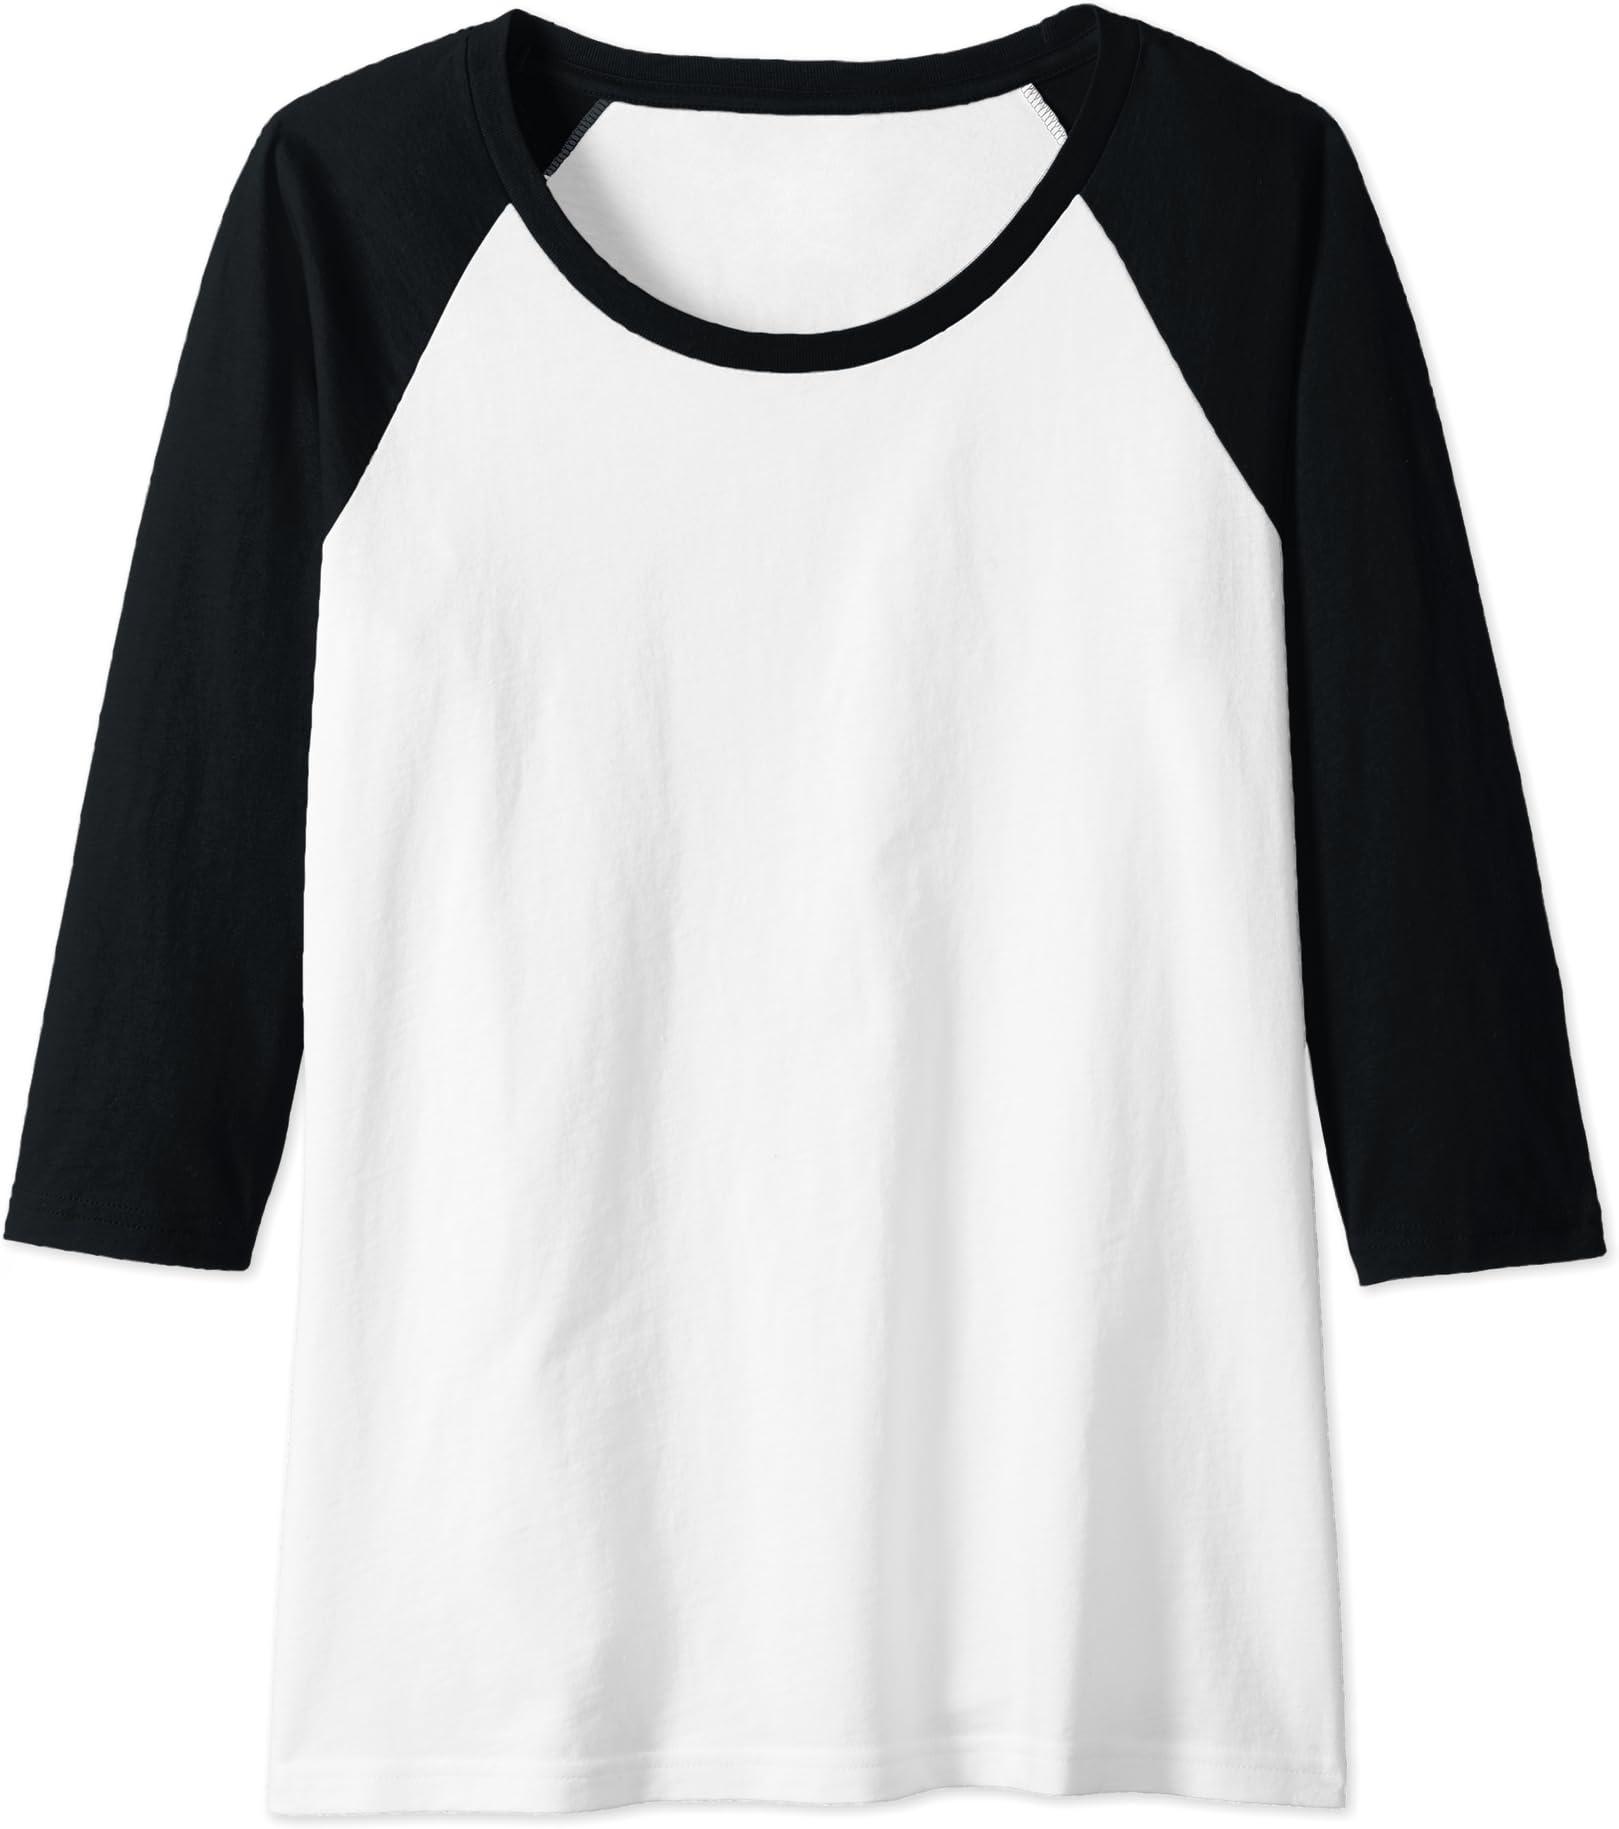 NCAA Lipscomb Bisons Basketball PPLIP04 Toddler Long-Sleeve T-Shirt